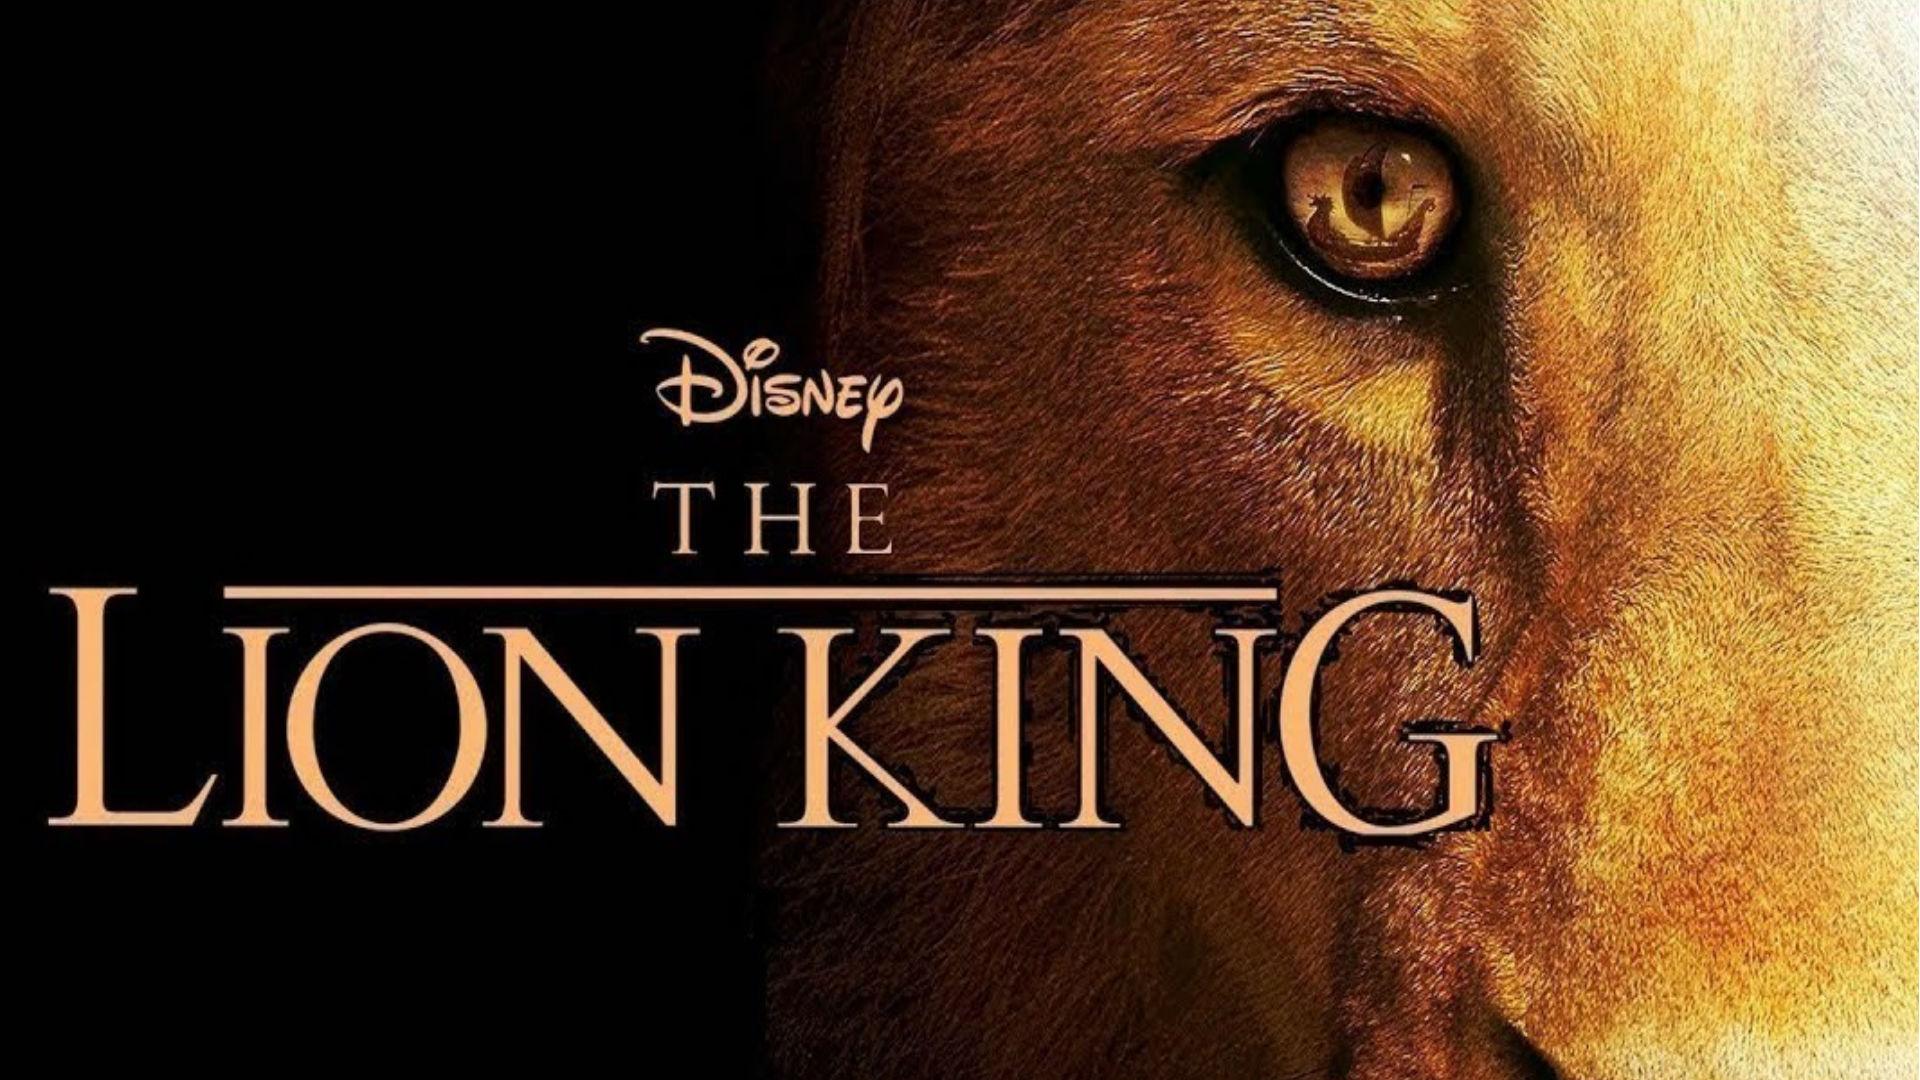 The Lion King Movie: फिल्म के हिंदी वर्जन में आशीष विद्यार्थी-श्रेयस तलपड़े सहित ये सितारे भी देंगे आवाज